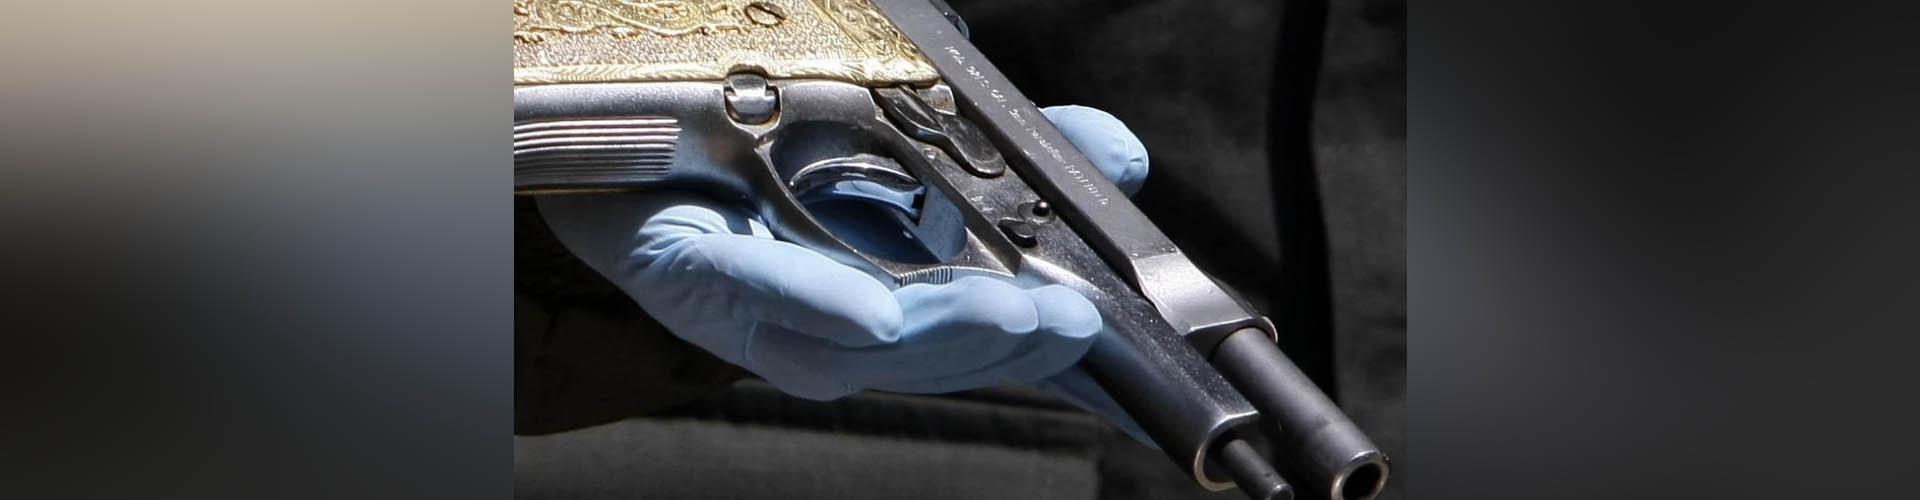 Adolescente mató a su mamá accidentalmente mientras jugaba con una pistola y del dolor se suicidó